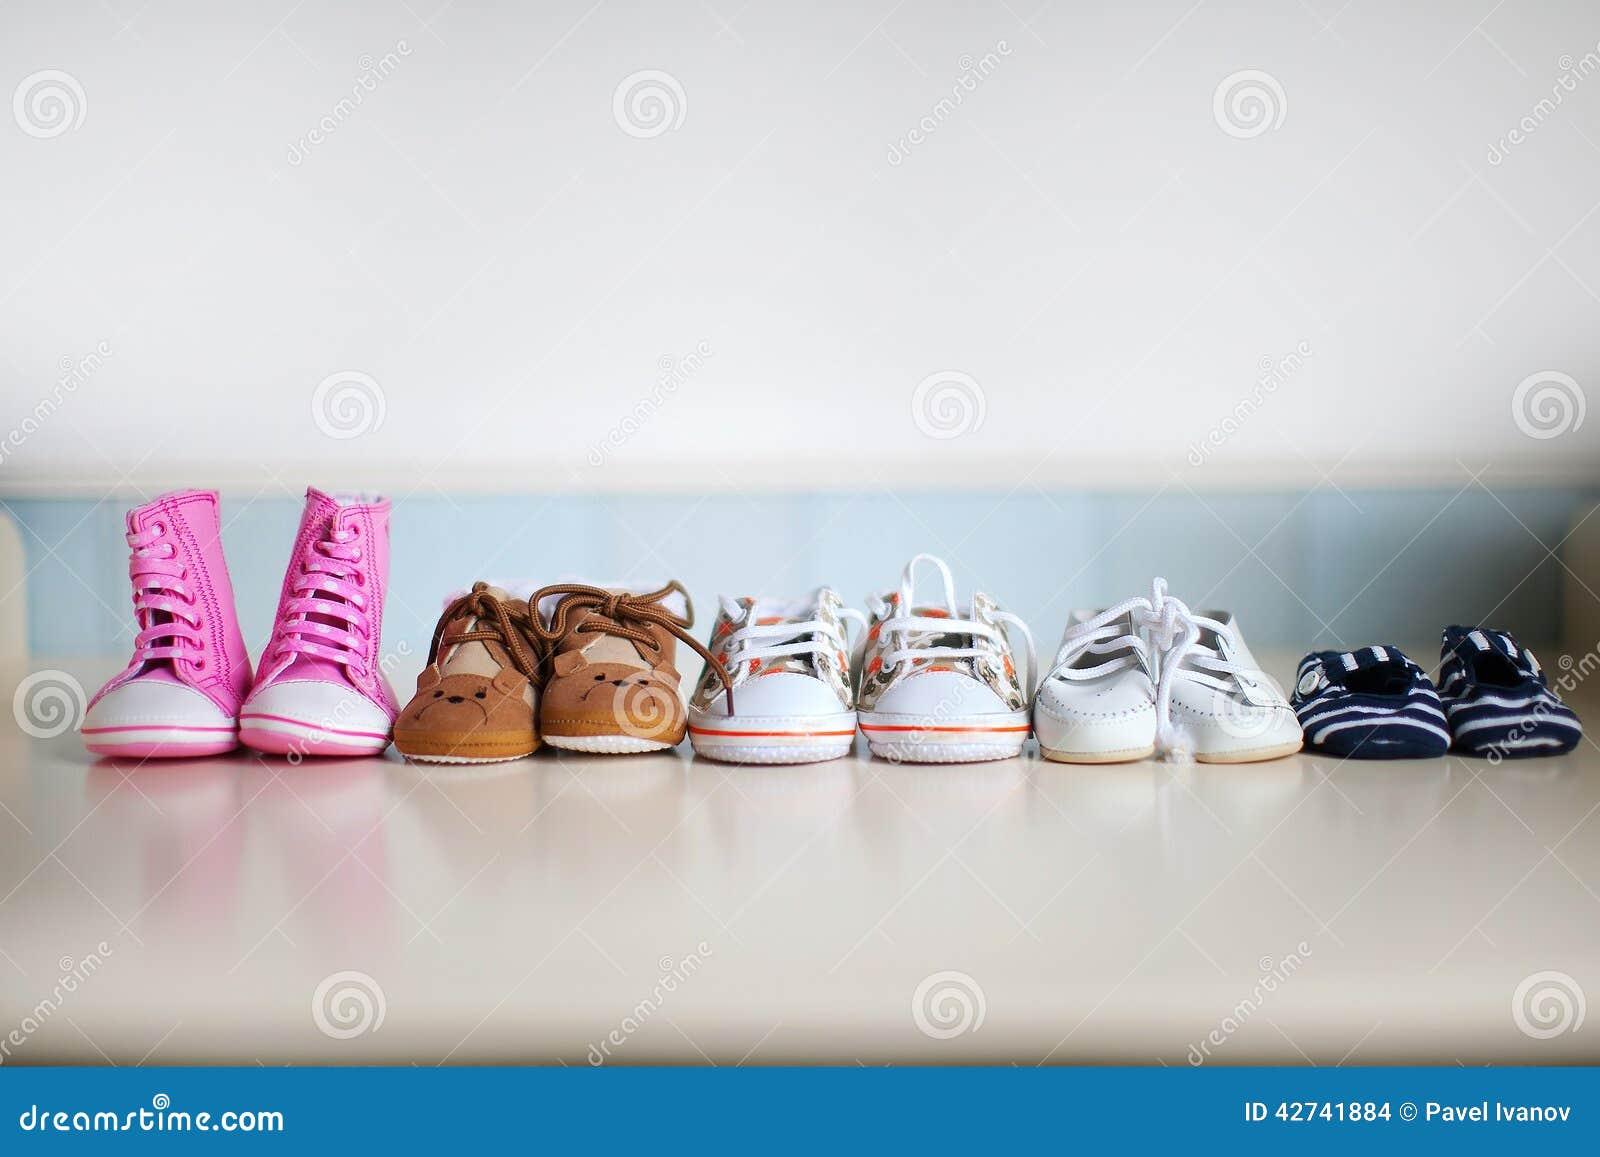 Många Barns Skor Arkivfoto Bild 42741884